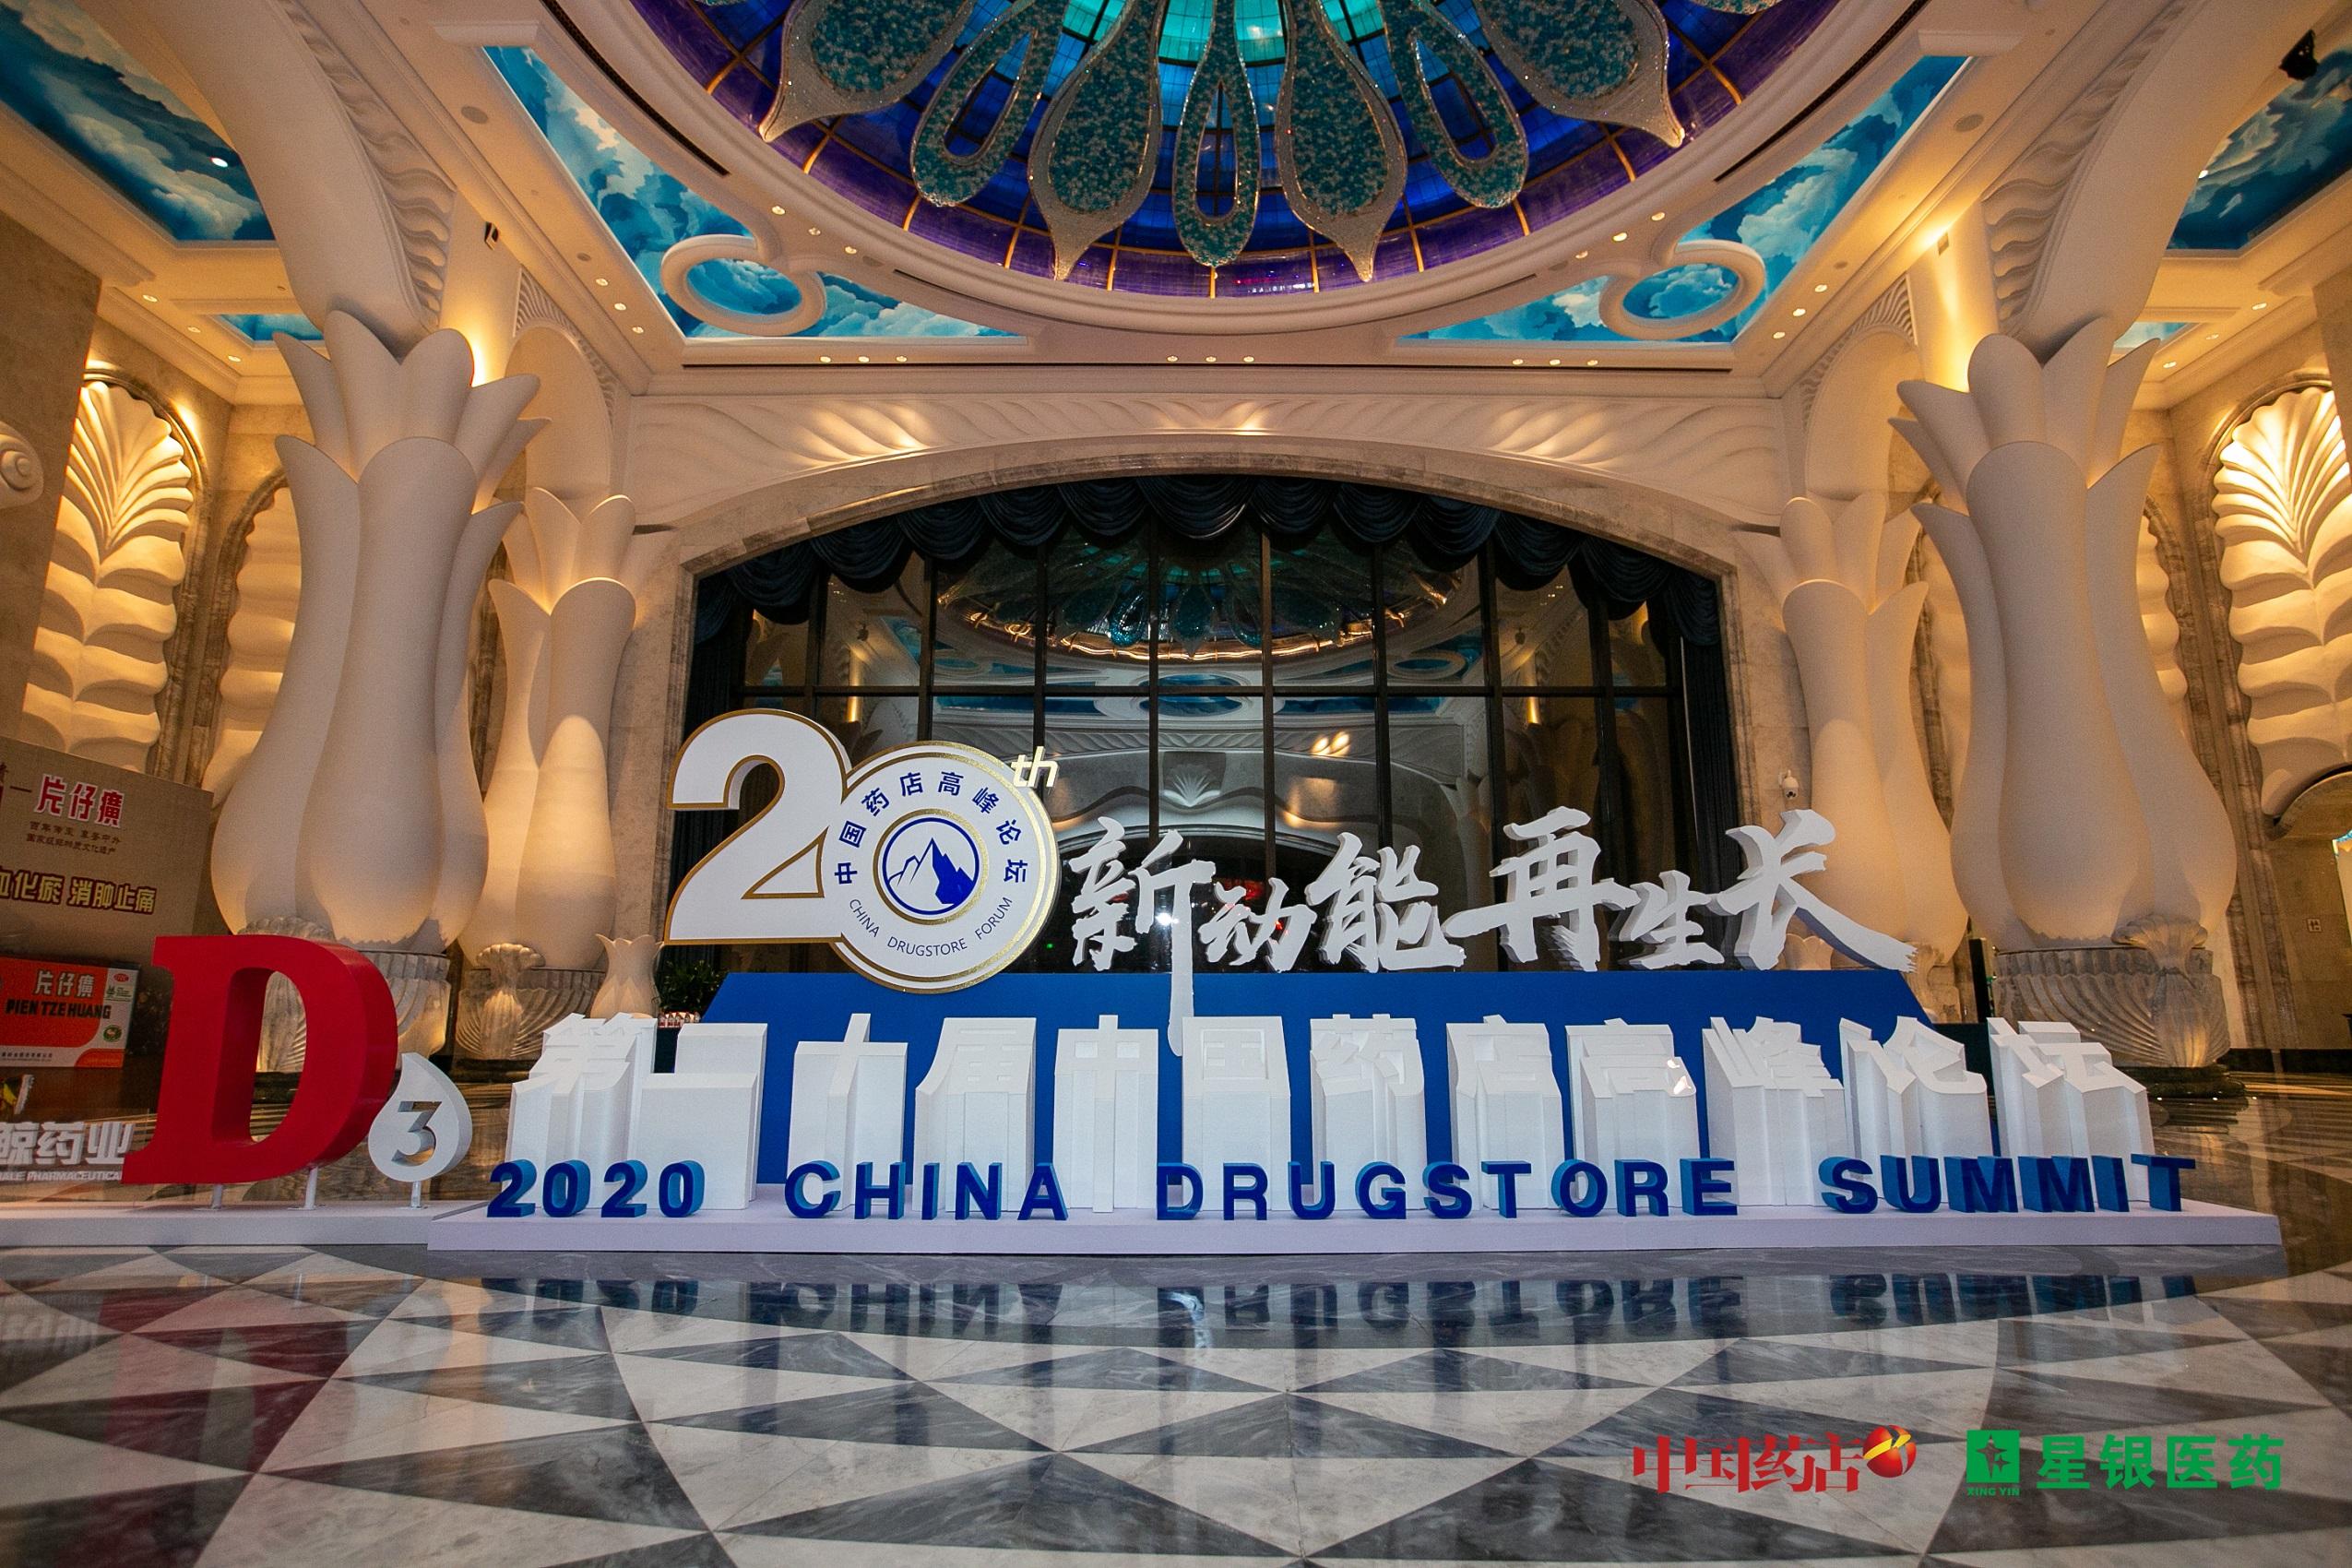 第二十届中国药店高峰论坛暨《中国药店》创刊20周年庆典